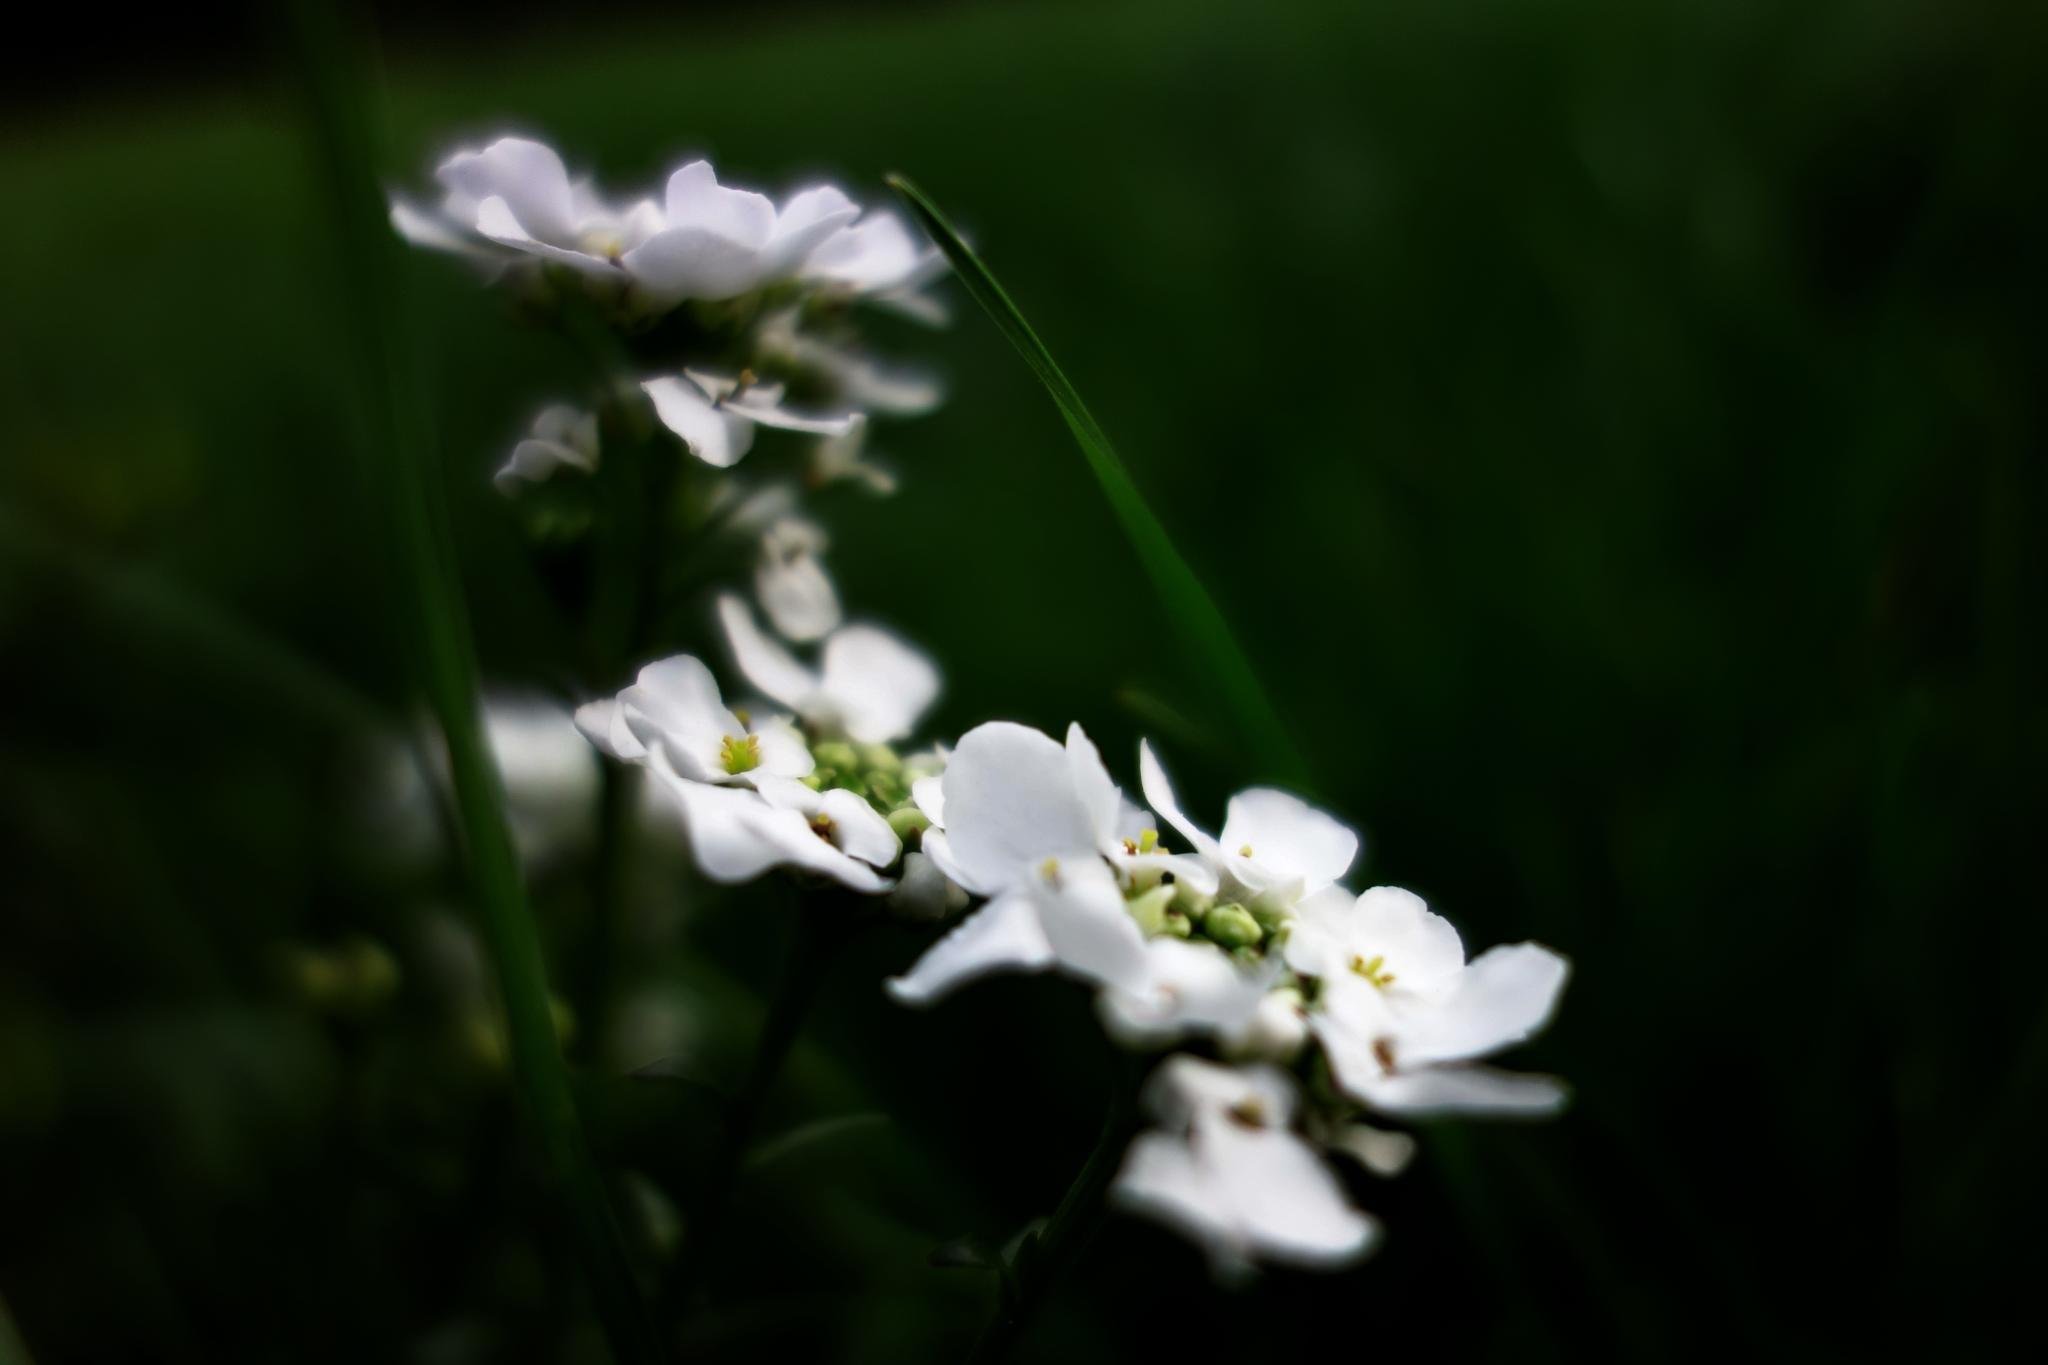 white elegance in dark grass by BernardaBizjak